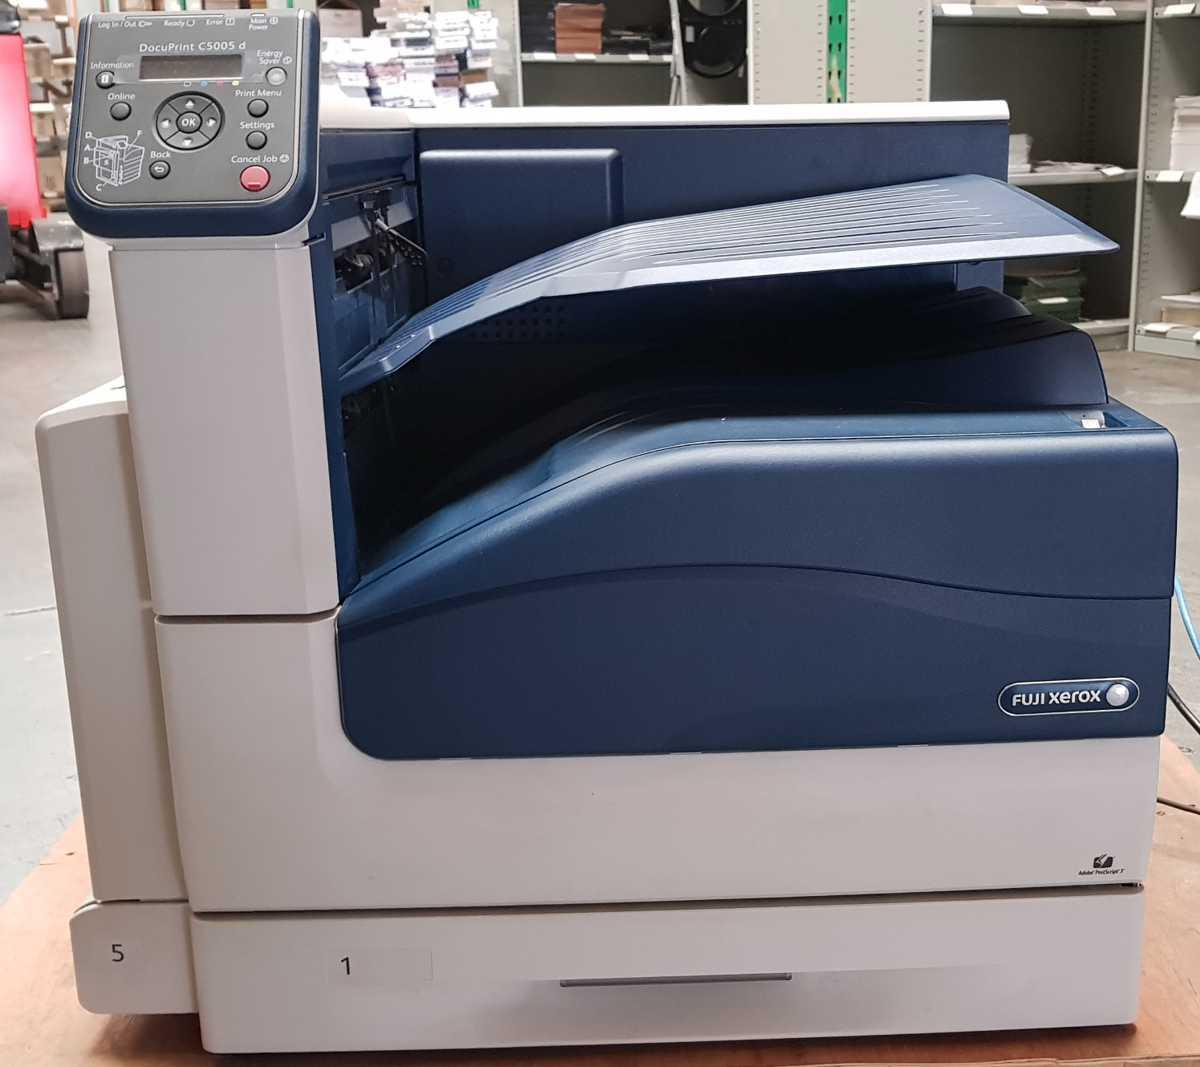 Front of xerox c5005d printer